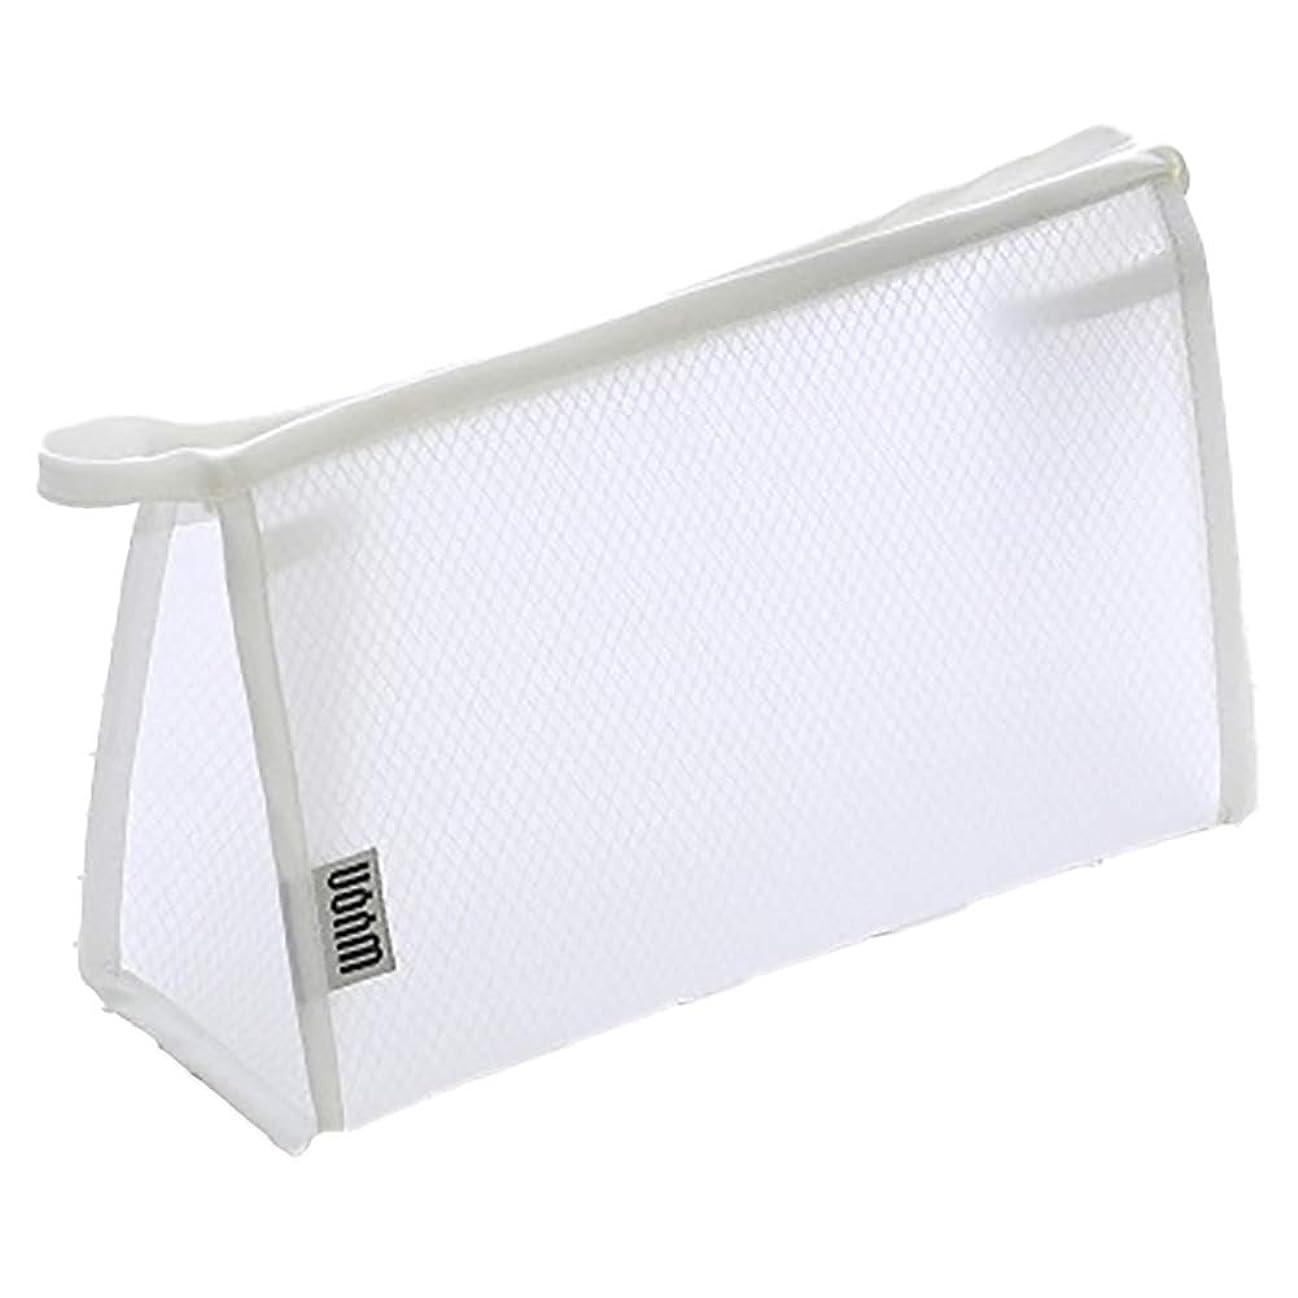 旅嵐ペレグリネーション明確な、透明化粧品メイクアップ化粧品旅行バッグの洗浄ブラシポーチ(白)